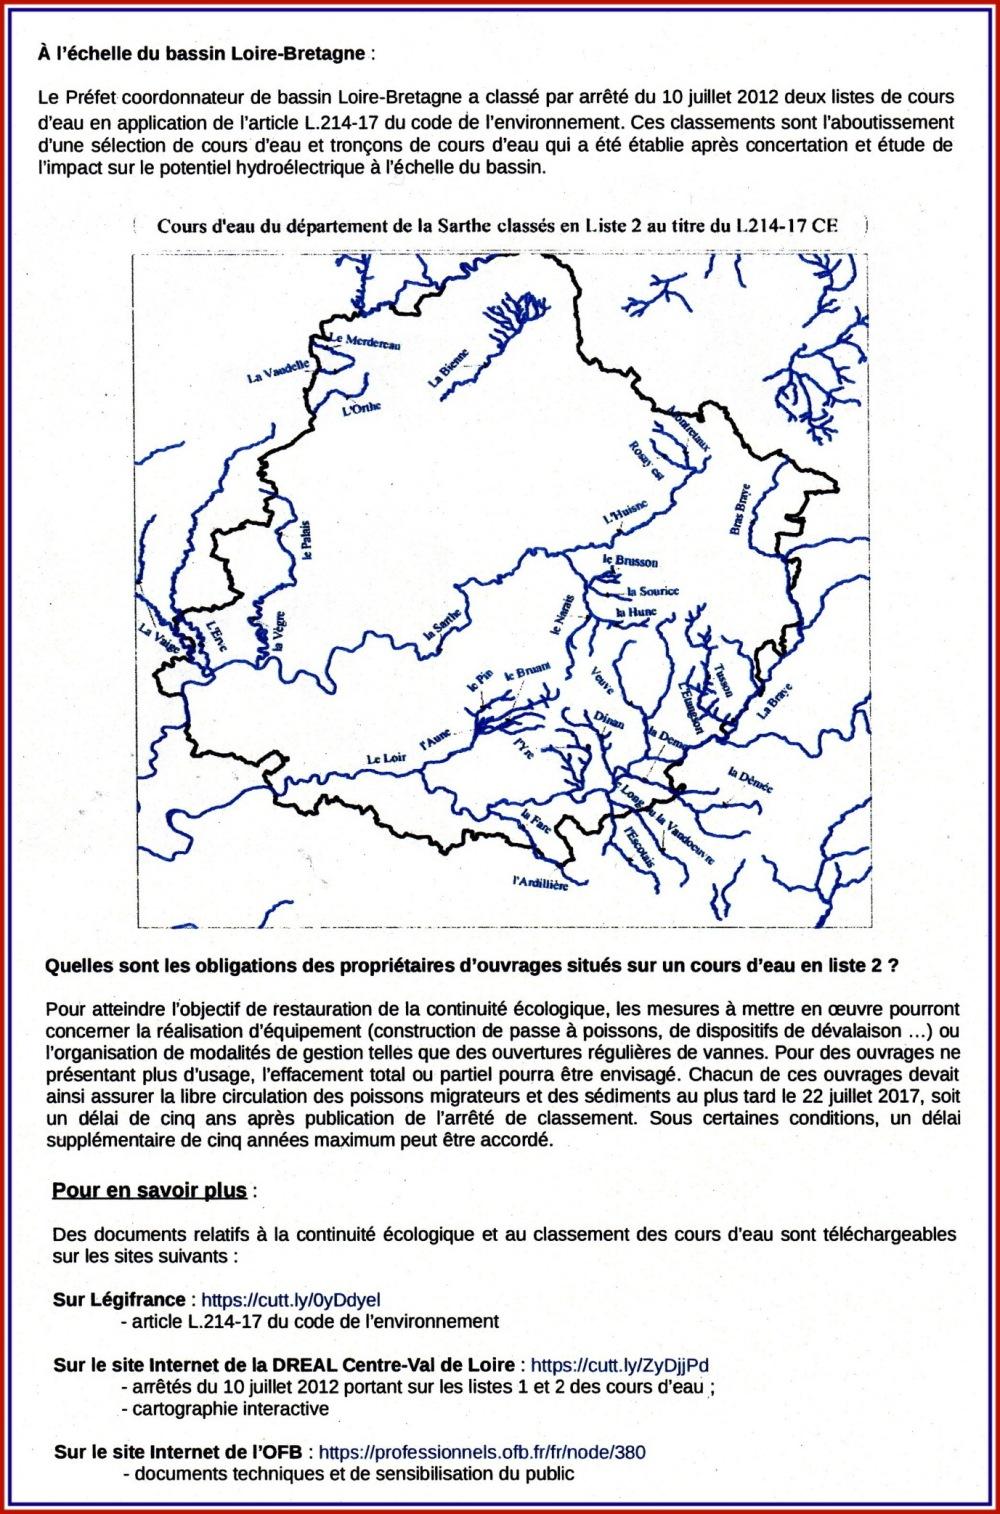 Classement cours d'eau L214-17_2